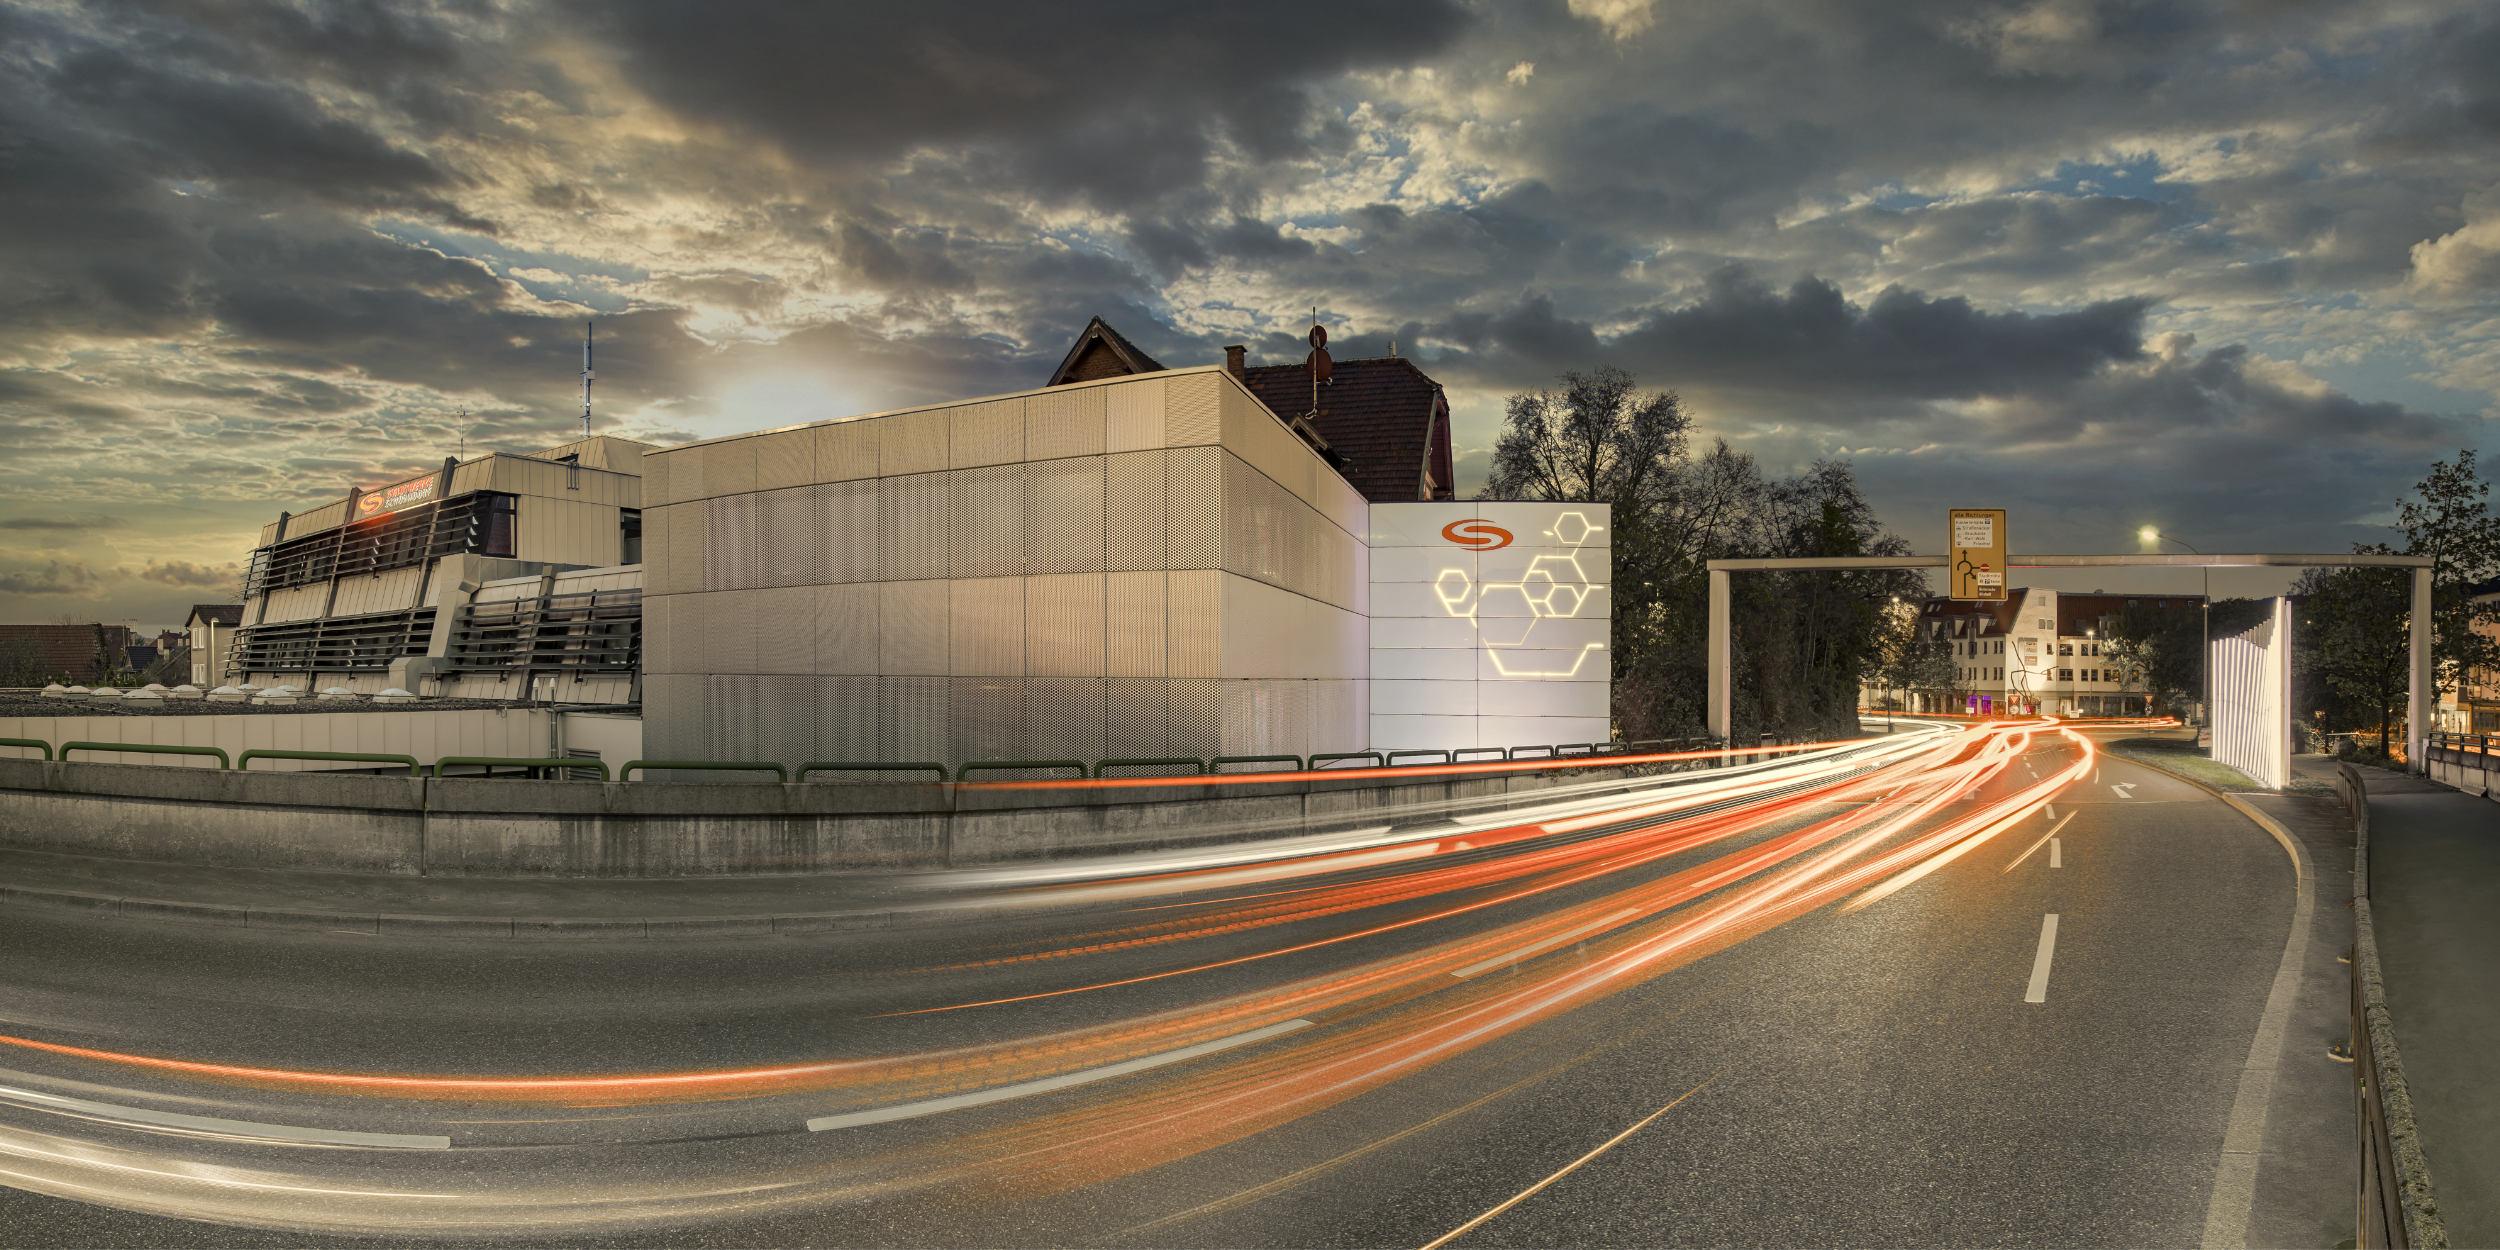 Panoramafotografie Virtuelle Touren 360Grad Fotografie Stuttgart und Umgebung Teilpanorama Arnodlbrücke Schorndorf Stadtwerke Schorndorf Abendstimmung Dramatischer Himmel Auto Lightlines Dämmerung